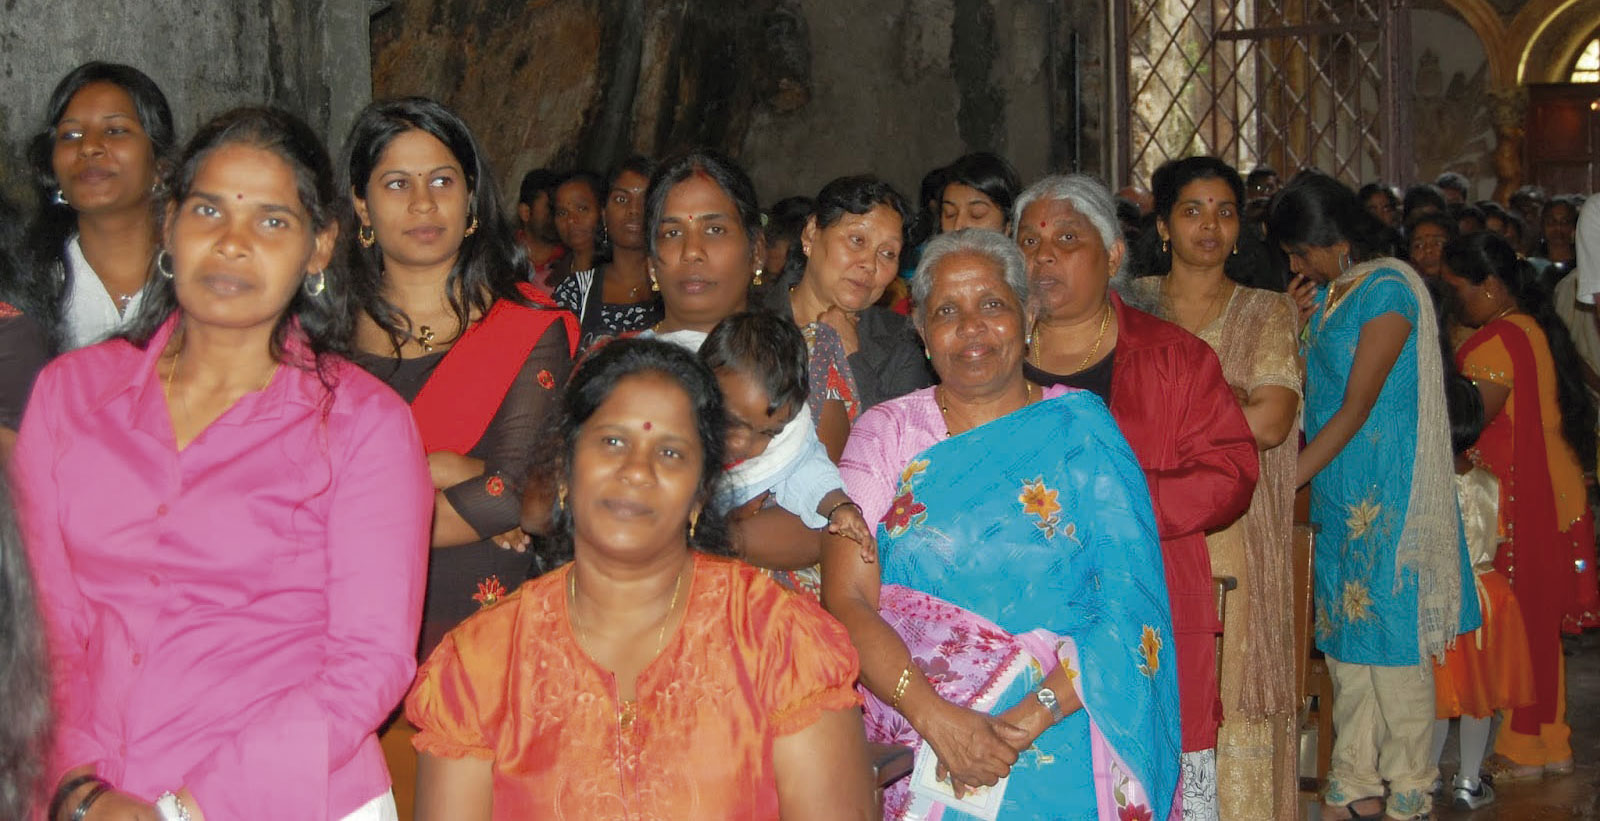 Mujeres tamil en el santuario de Monte Pellegrino en Palermo